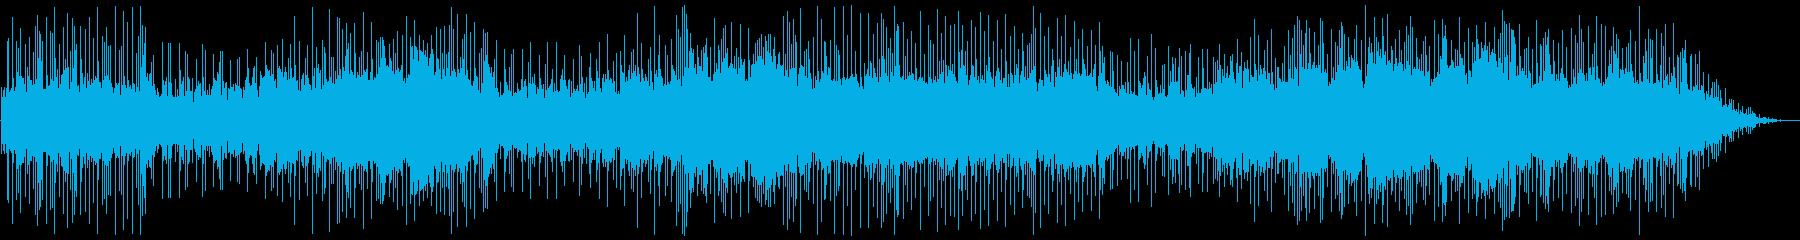 ハートランドアメリカーナのロックン...の再生済みの波形